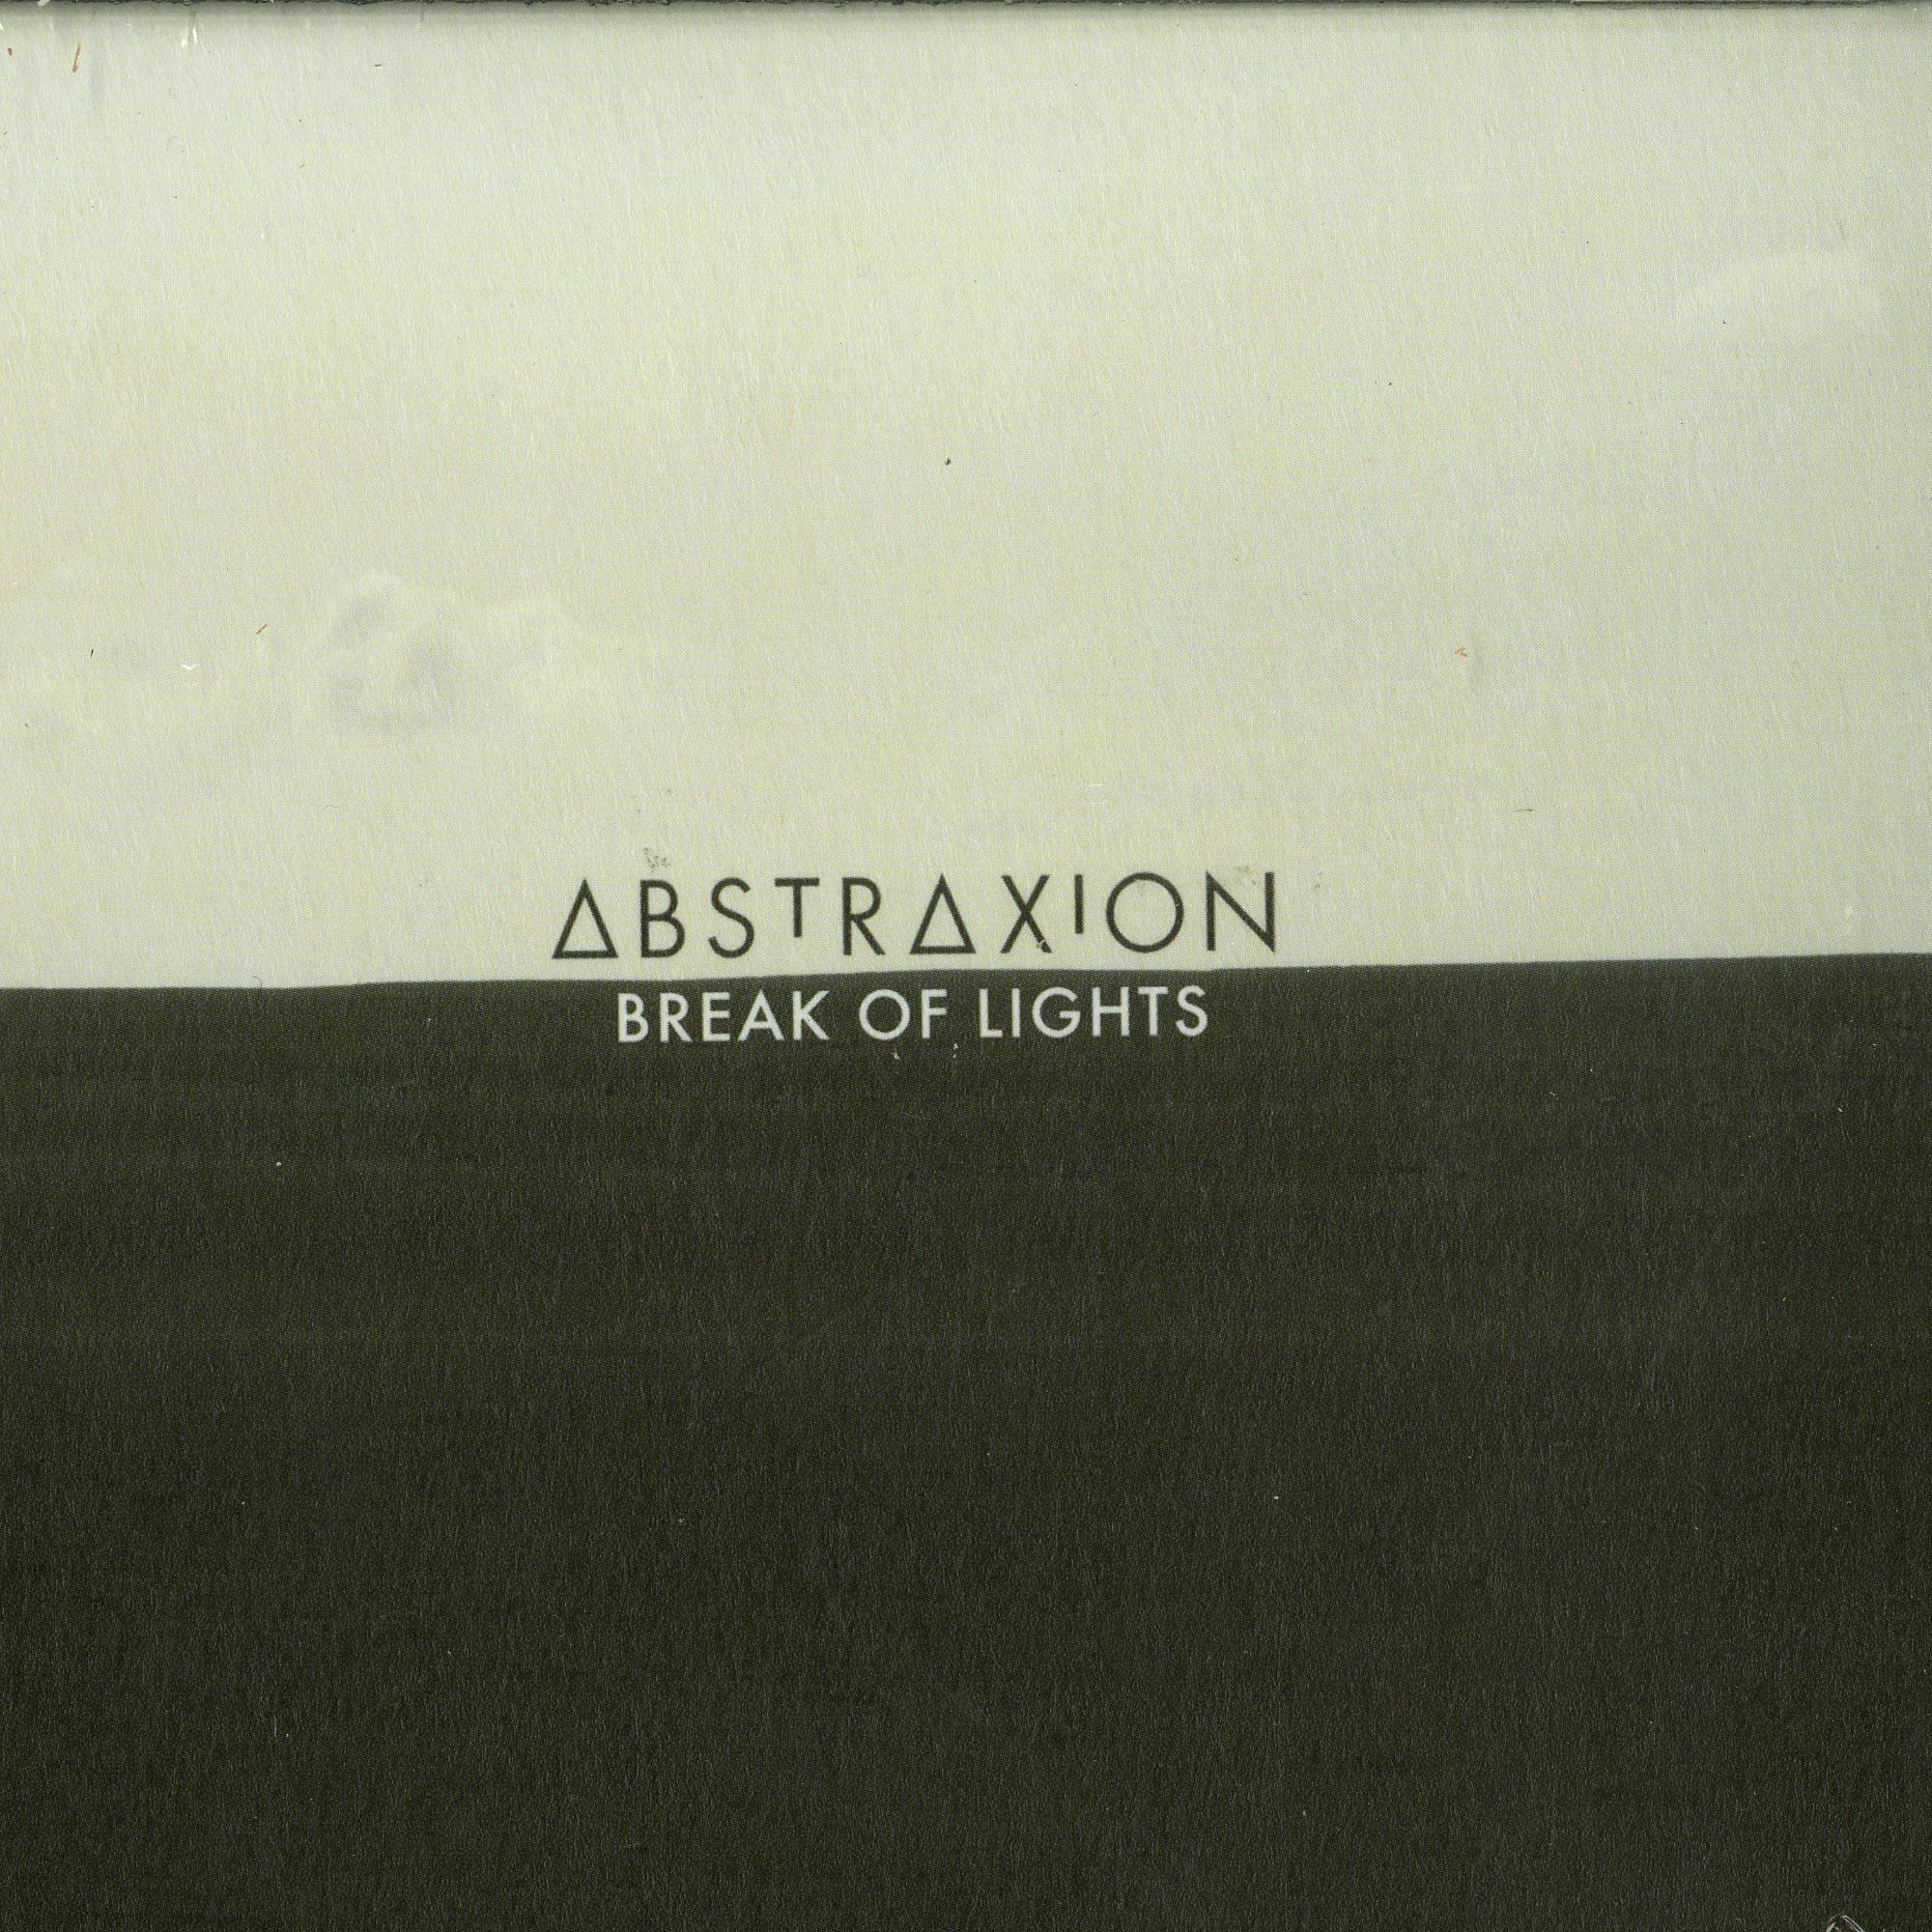 Abstraxion - BREAK OF LIGHTS